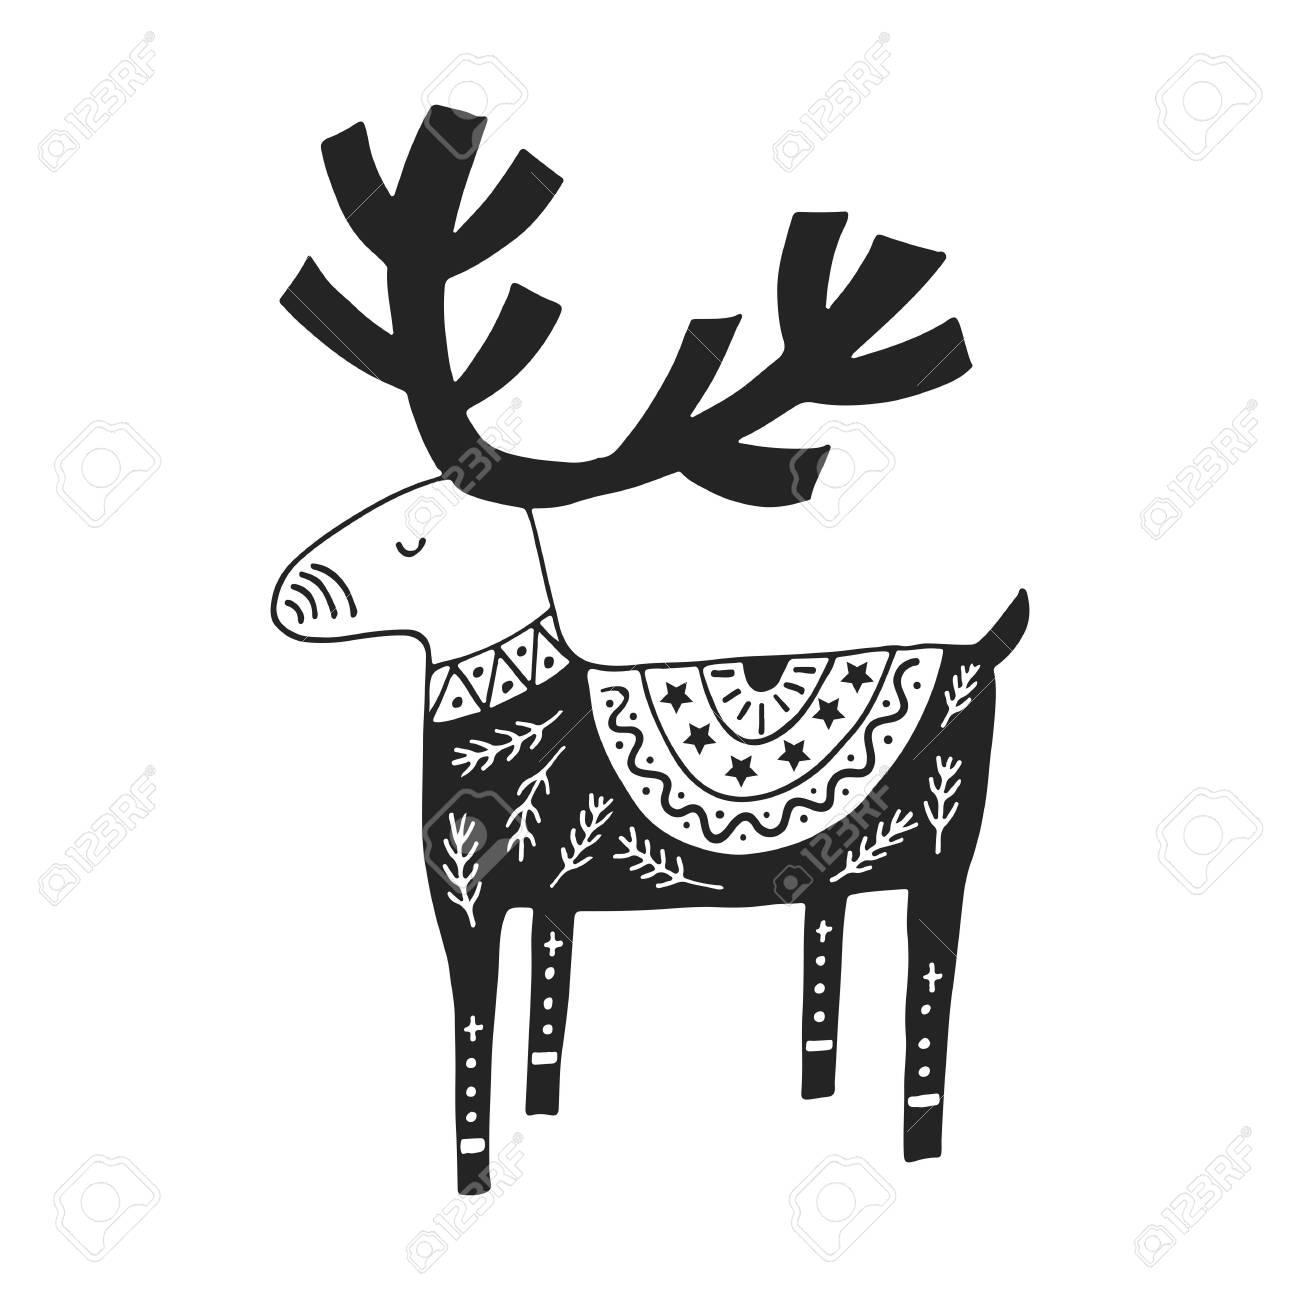 北欧風のかわいい手描き下ろし保育園ポスター。モノクロのベクター